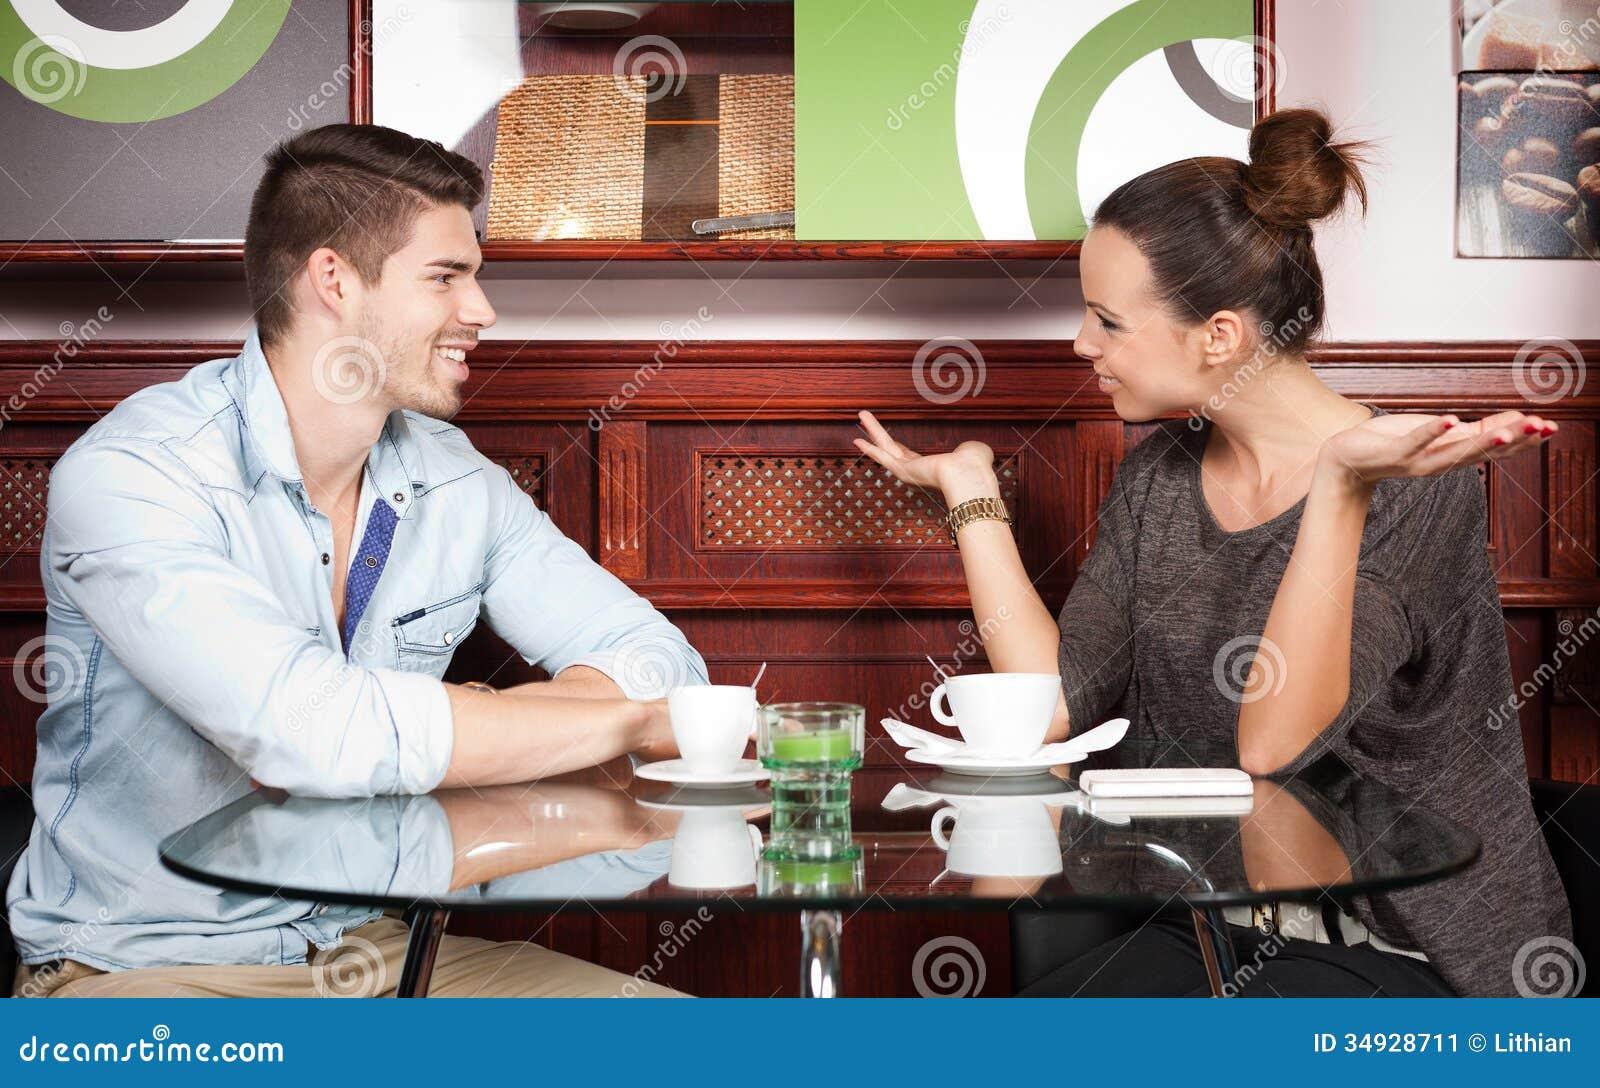 8 minute dating atlanta